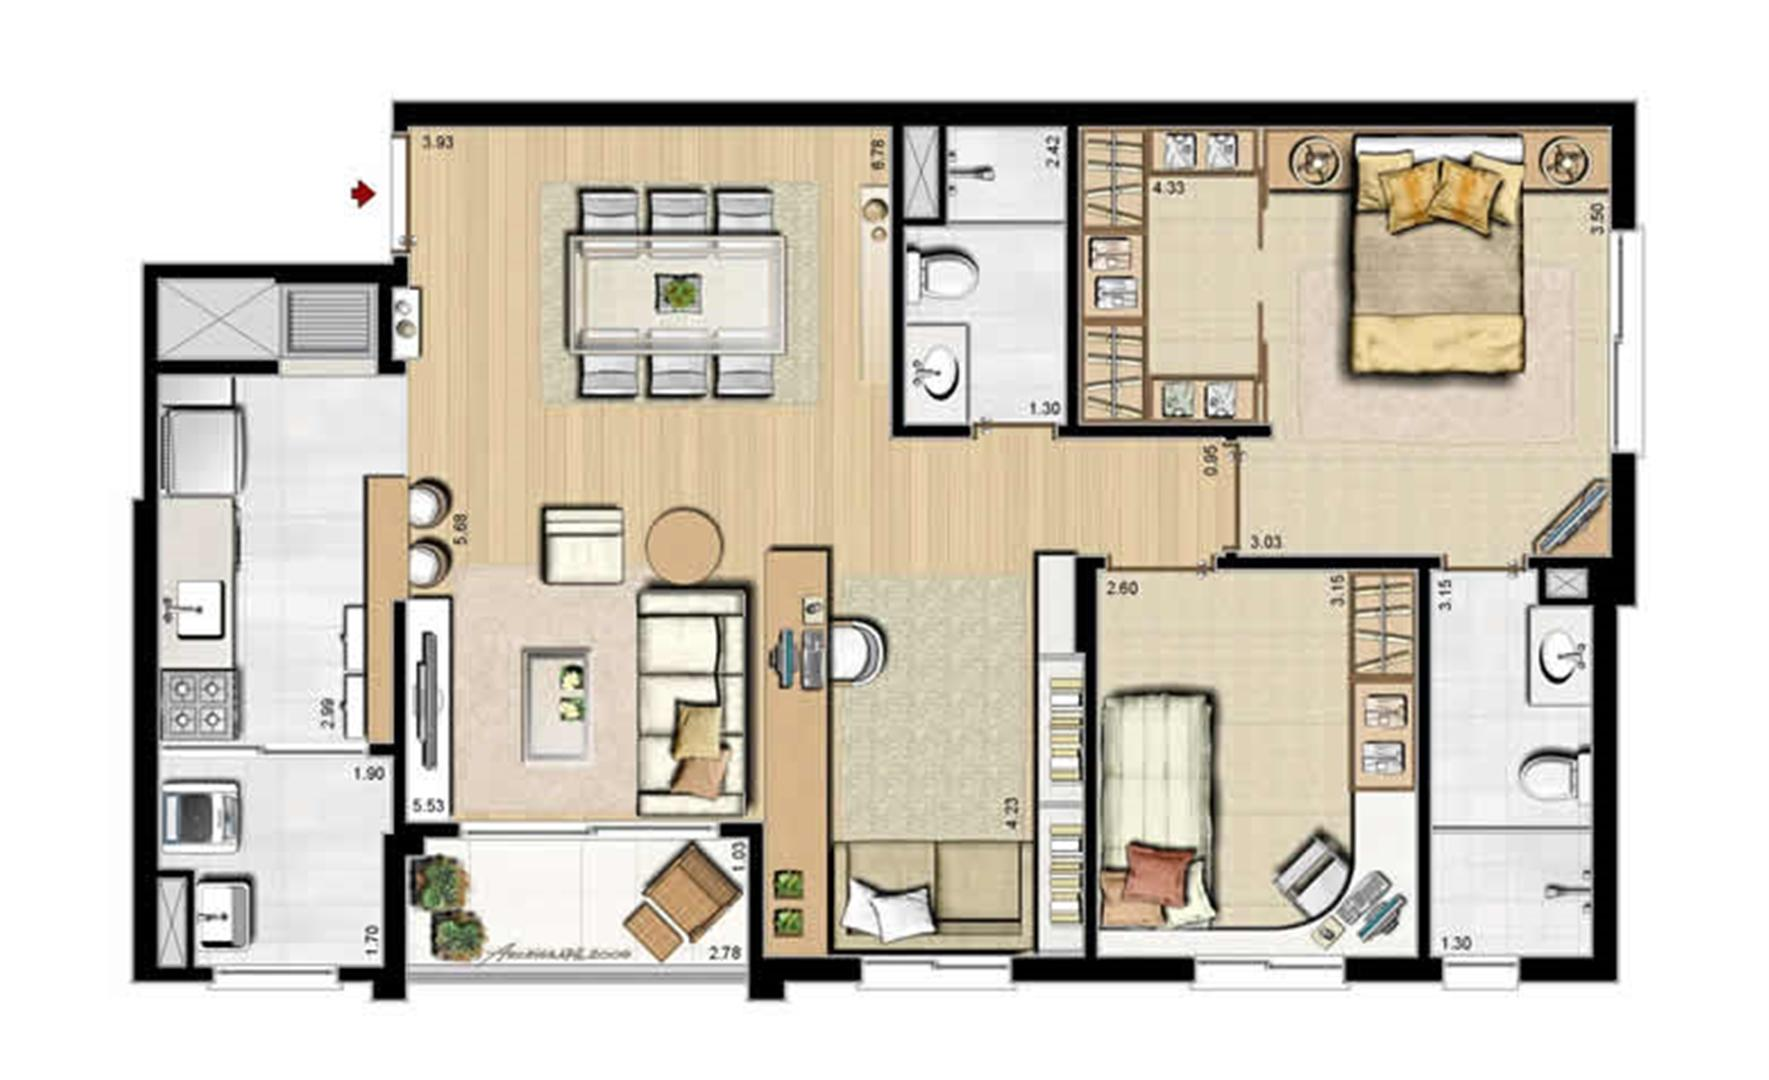 Opção 2 dormitórios, sendo 1 suíte e living estendido - 84 m² privativos e 130 m² área total | Villa Mimosa Vita Insolaratta – Apartamento no  Centro - Canoas - Rio Grande do Sul